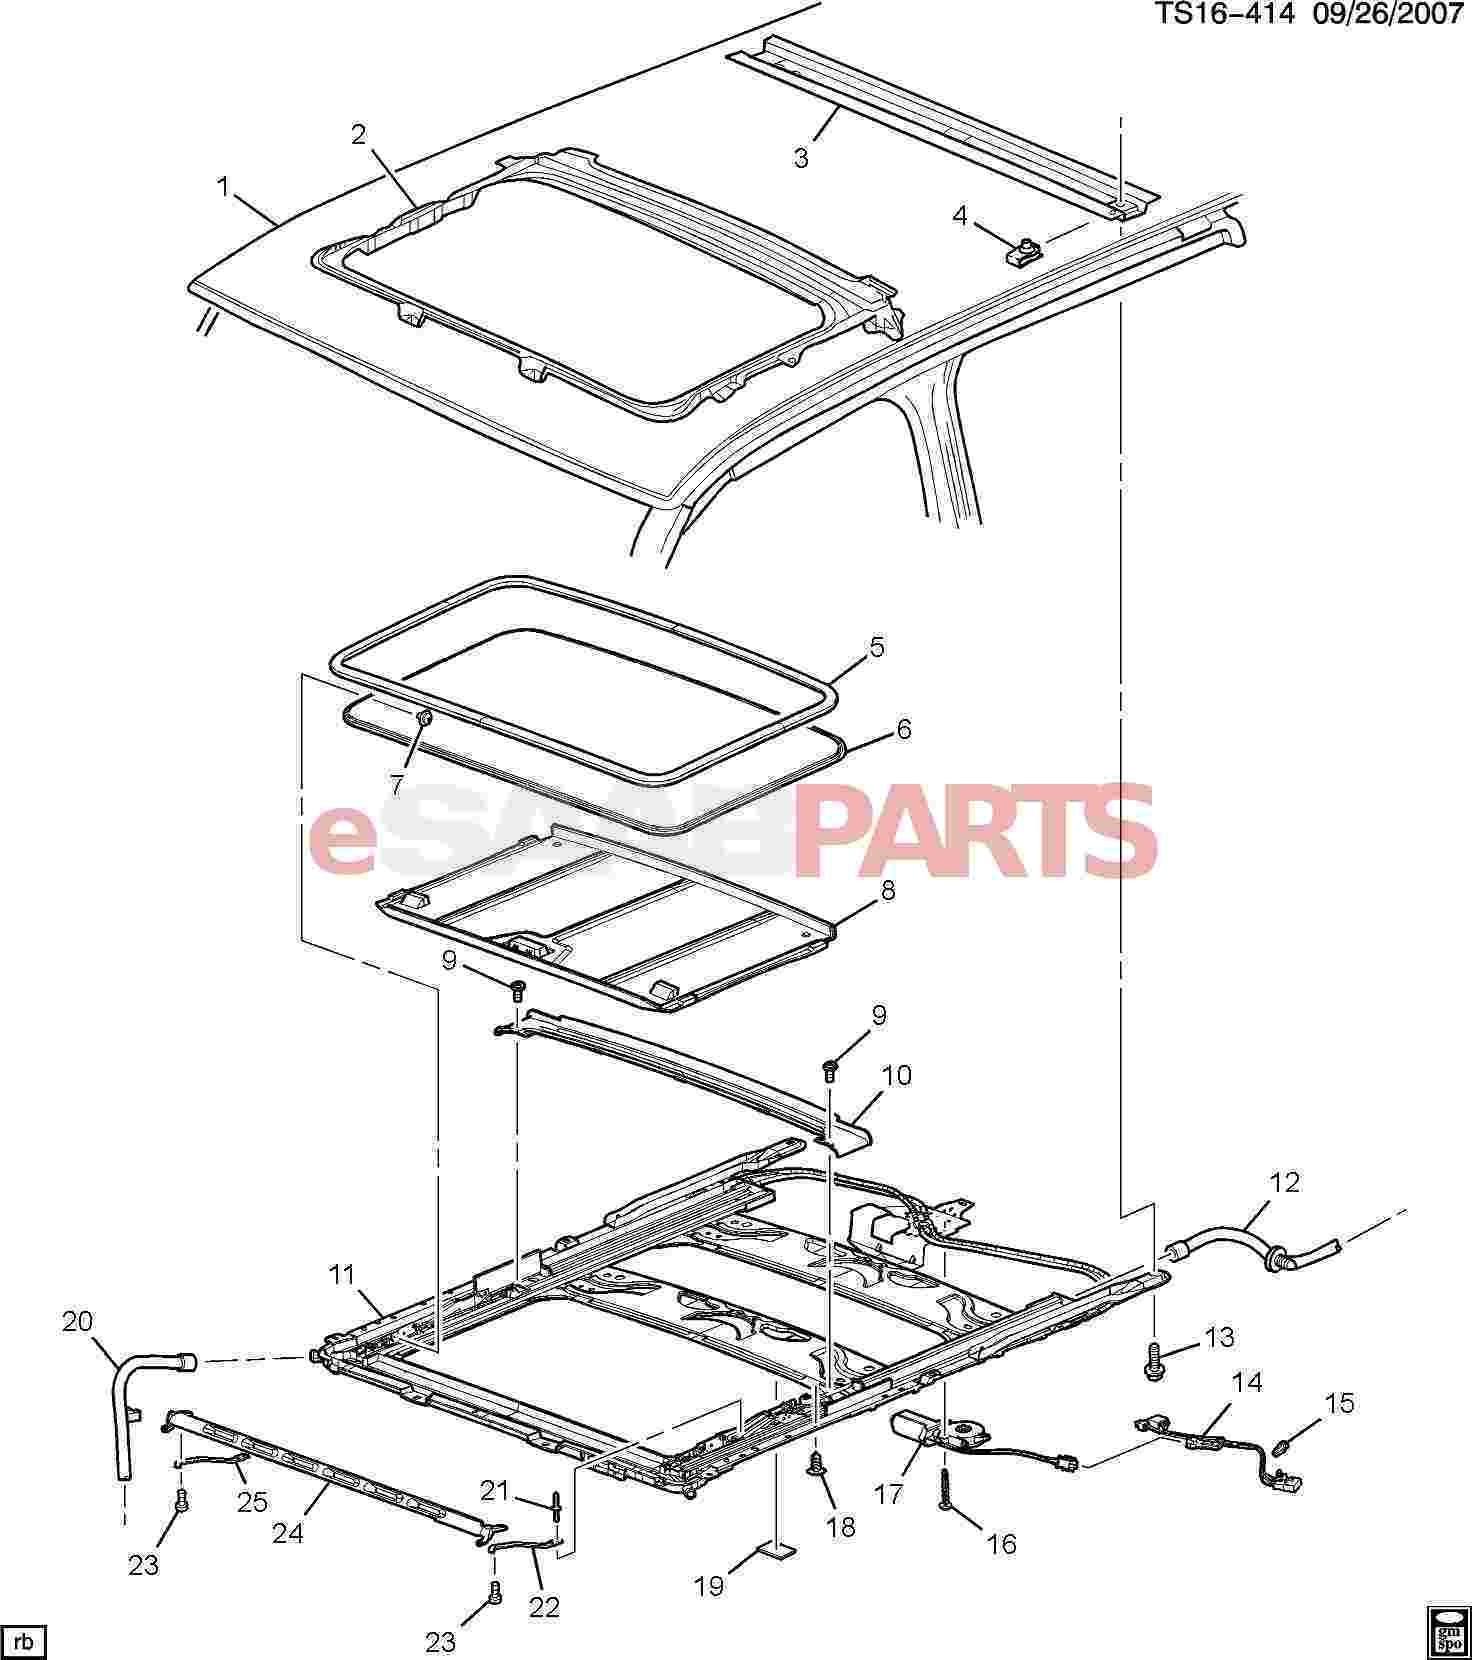 Car Free Body Diagram Car Body Diagram Parts Fresh Esaabparts Saab 9 7x Car Body External Of Car Free Body Diagram